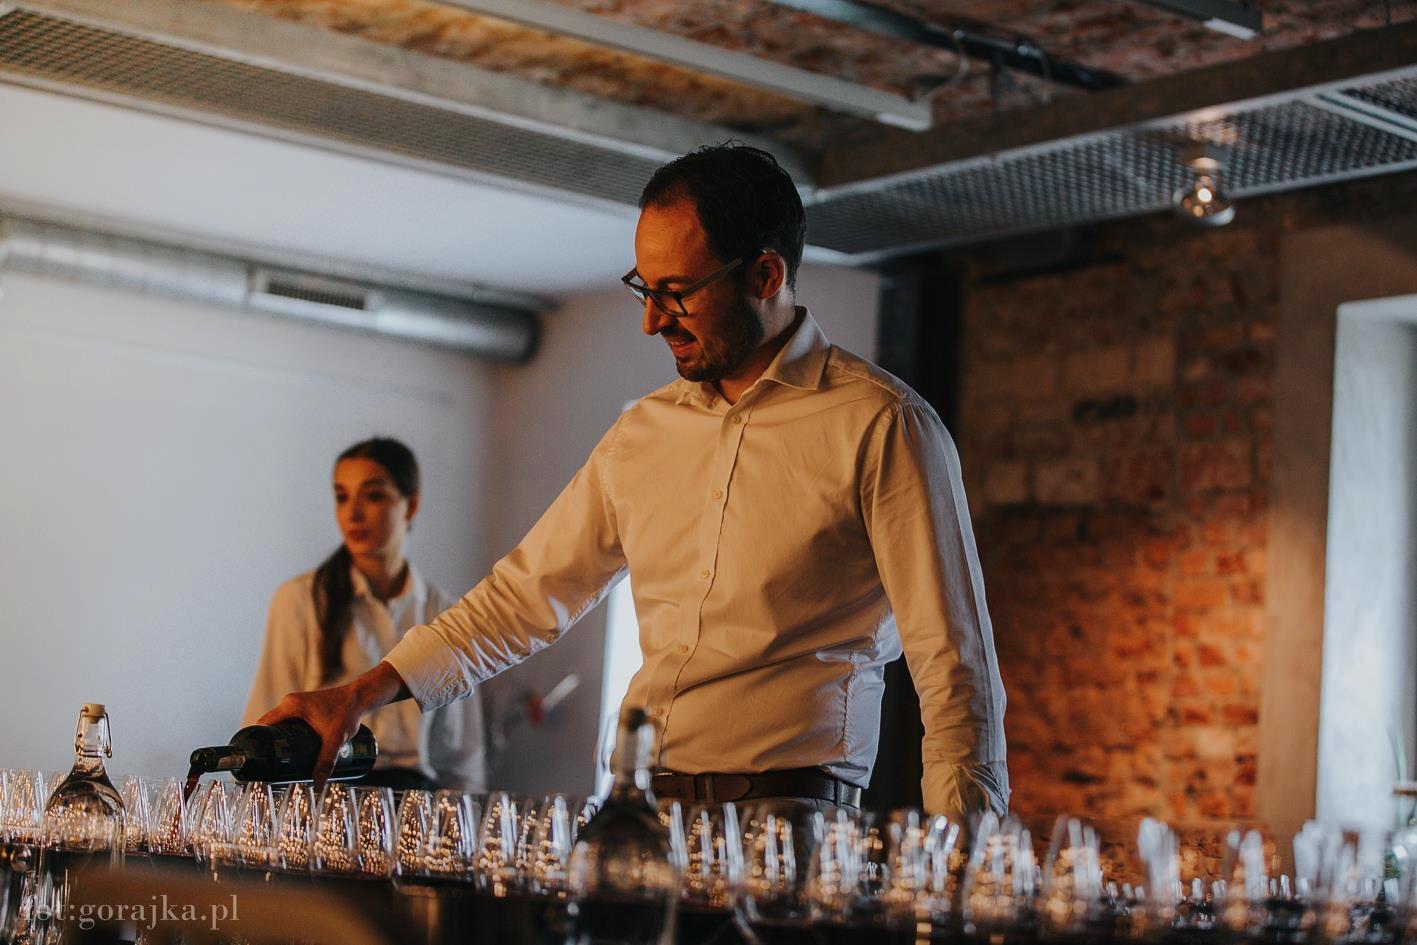 Jak prawidłowo zaserwować wino w restauracji? 🍷